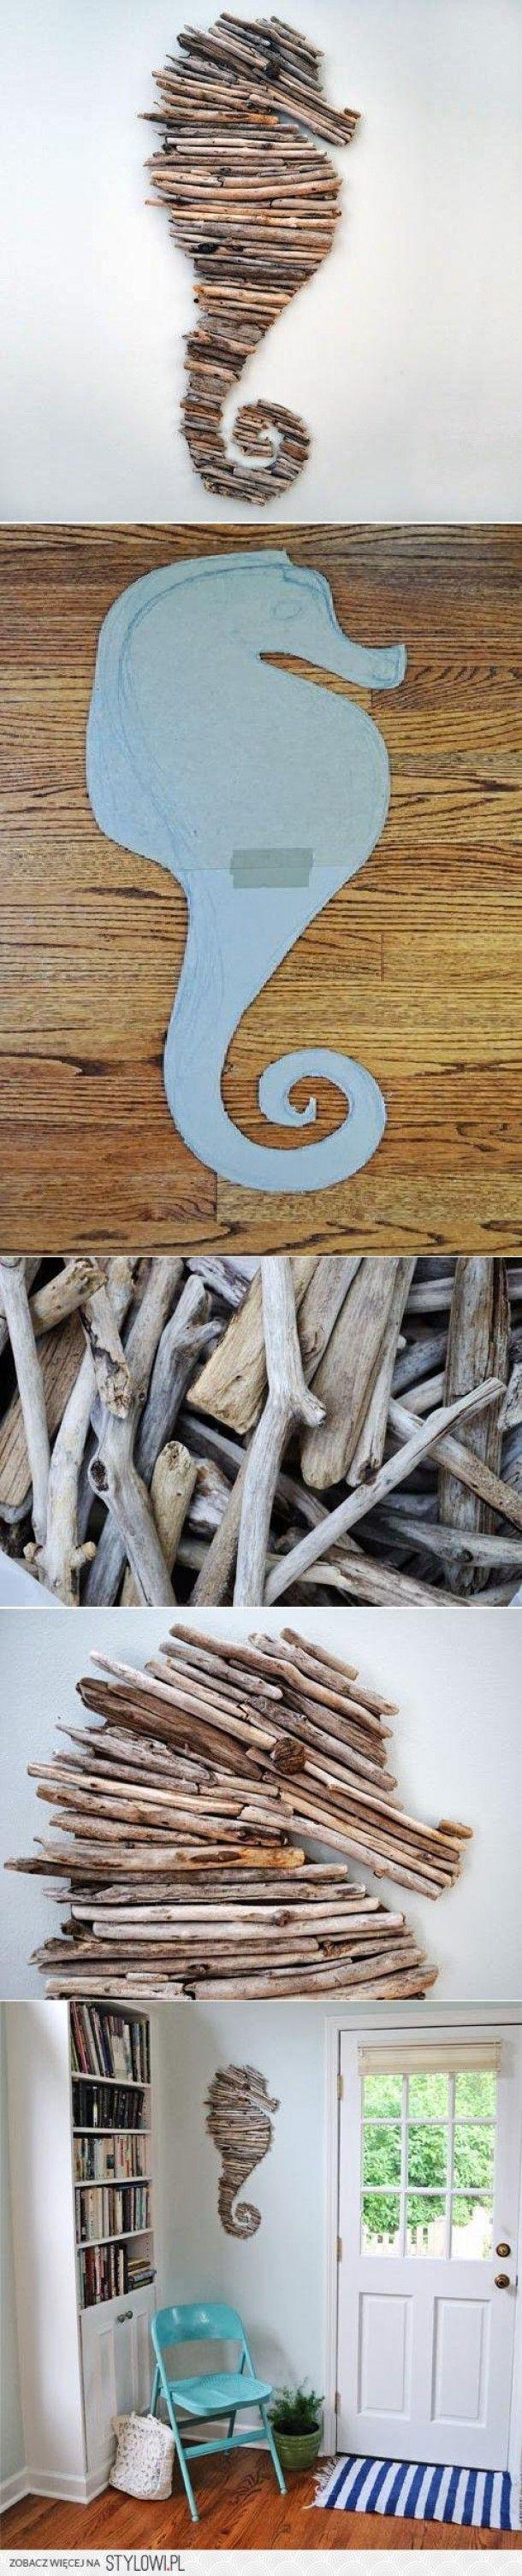 Leuk-van-sprokkelhout-en-een-beetje-grijze-kalkverf-erop-klaar.1381325268-van-Nel-leke.jpeg 610×3,012 pixels